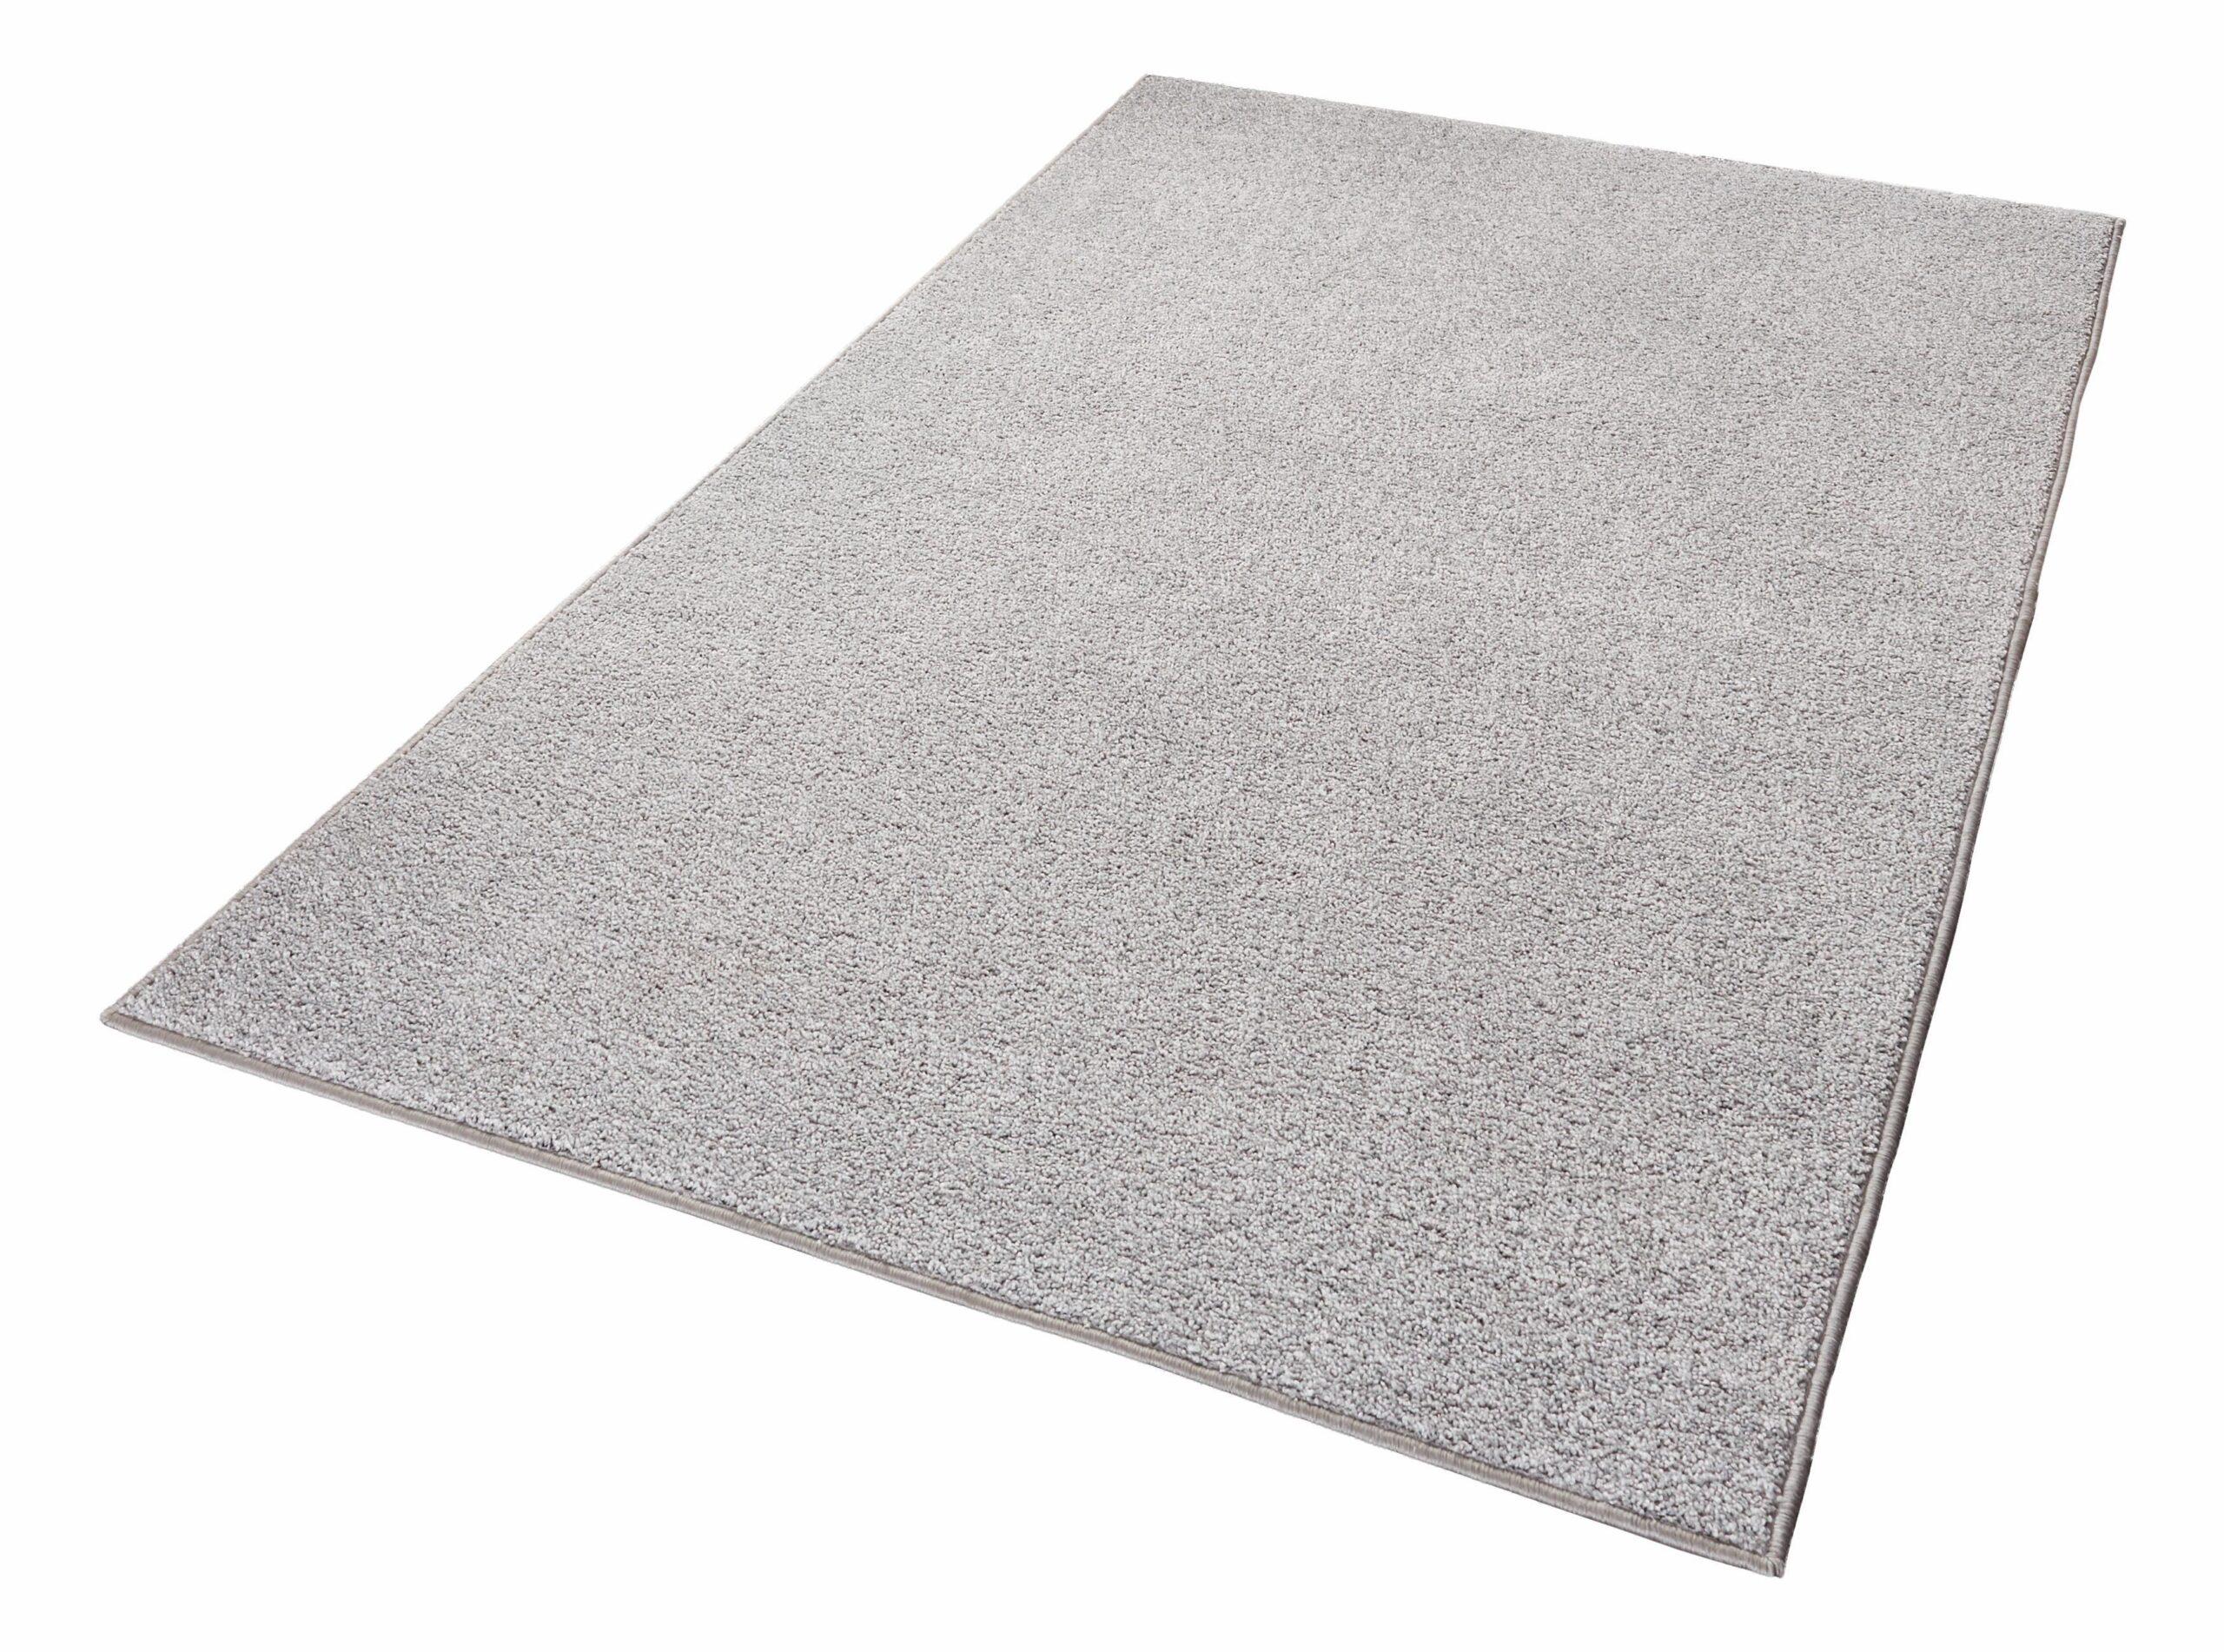 Full Size of Teppich Für Küche Schlafzimmer Wohnzimmer Esstisch Teppiche Steinteppich Bad Badezimmer Wohnzimmer Teppich 300x400